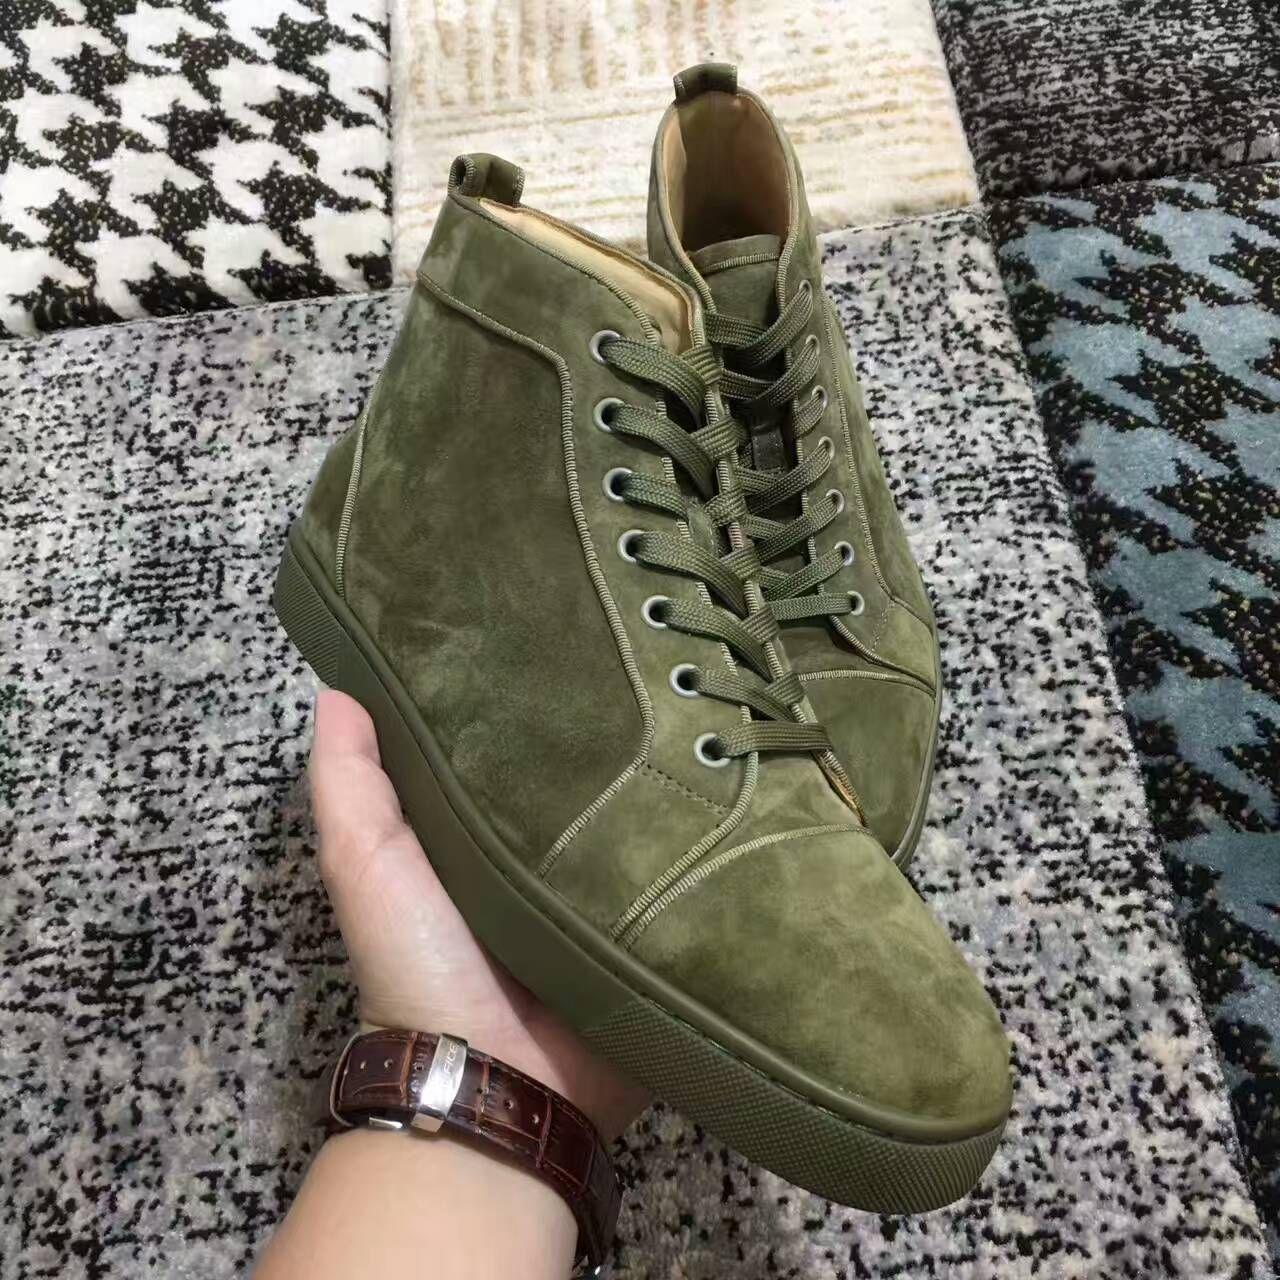 2019 Новые мужские женские высокие верхние зеленые замшевые красные нижние ботинки, моды джентльмен дизайнер шнурках кроссовки размер 36-46